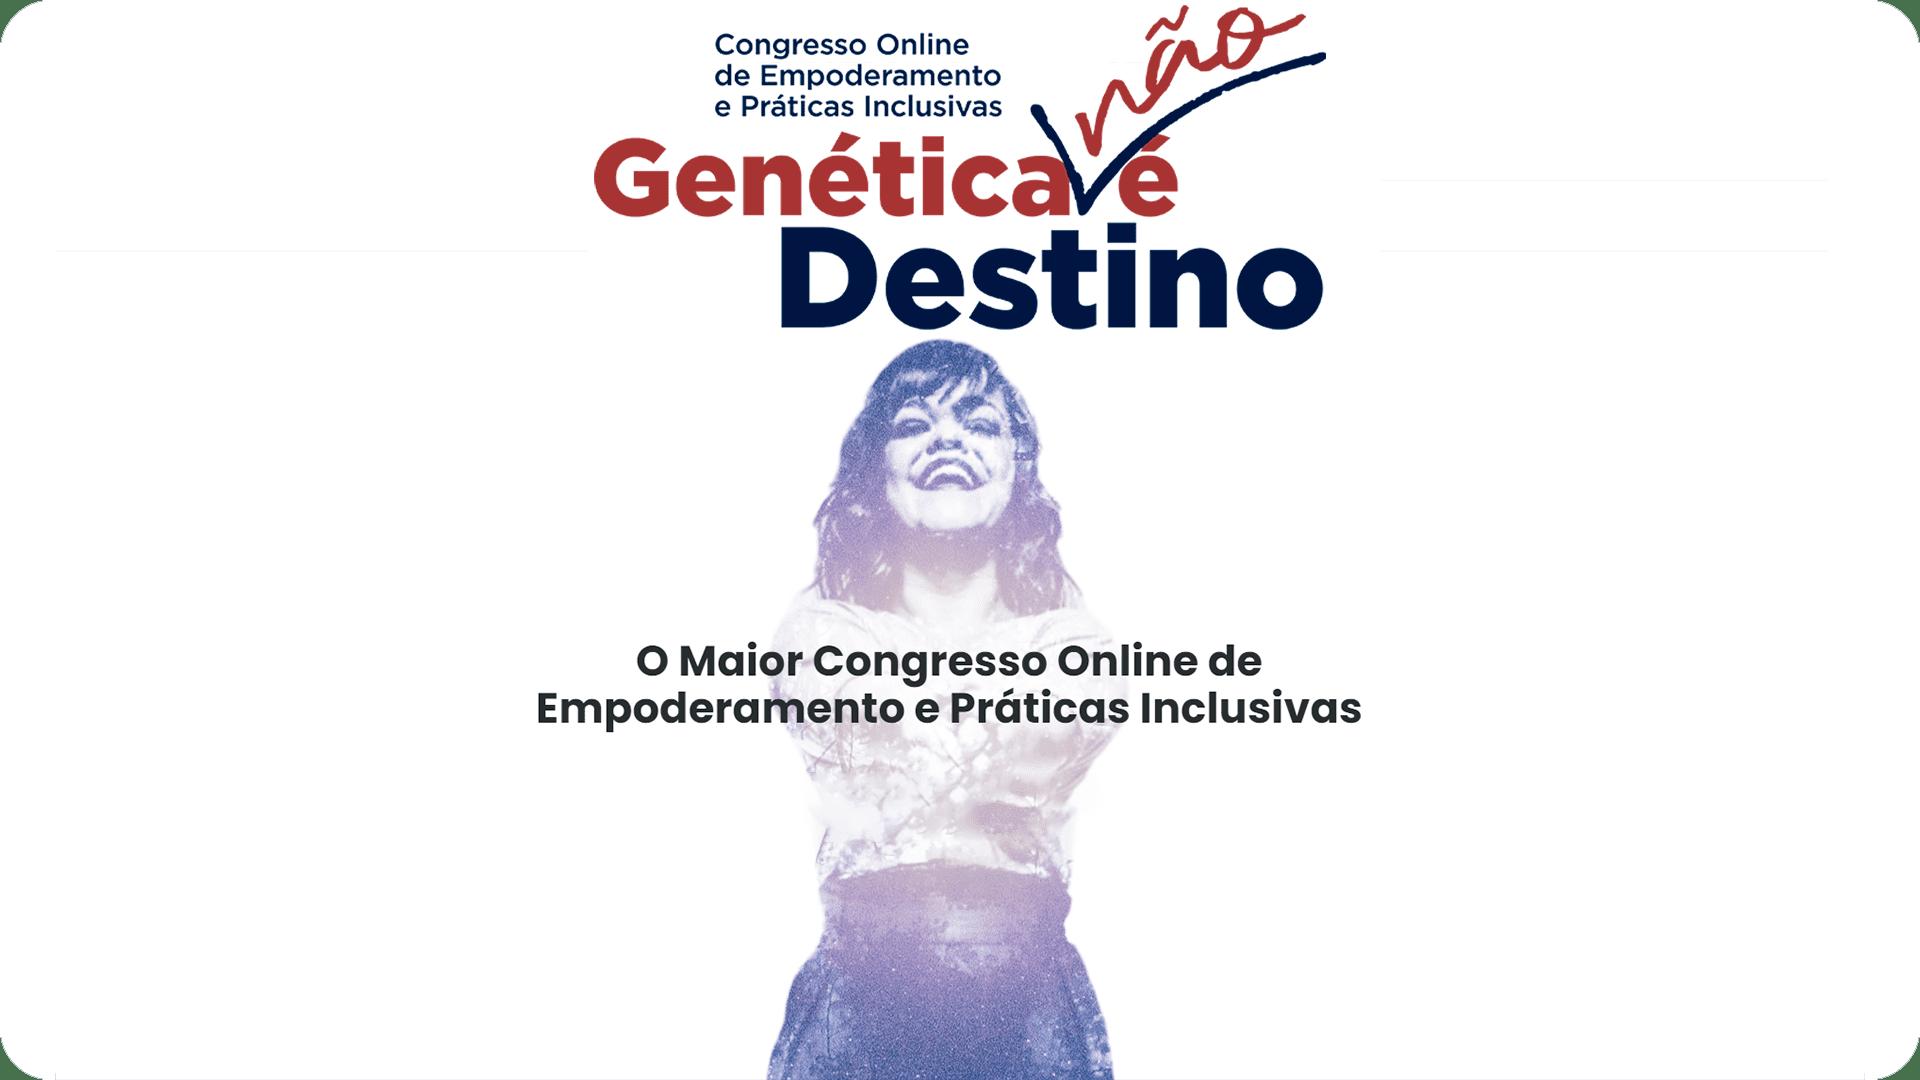 Imagem é um print da tela do computador, no site do congresso Genética Não é destino